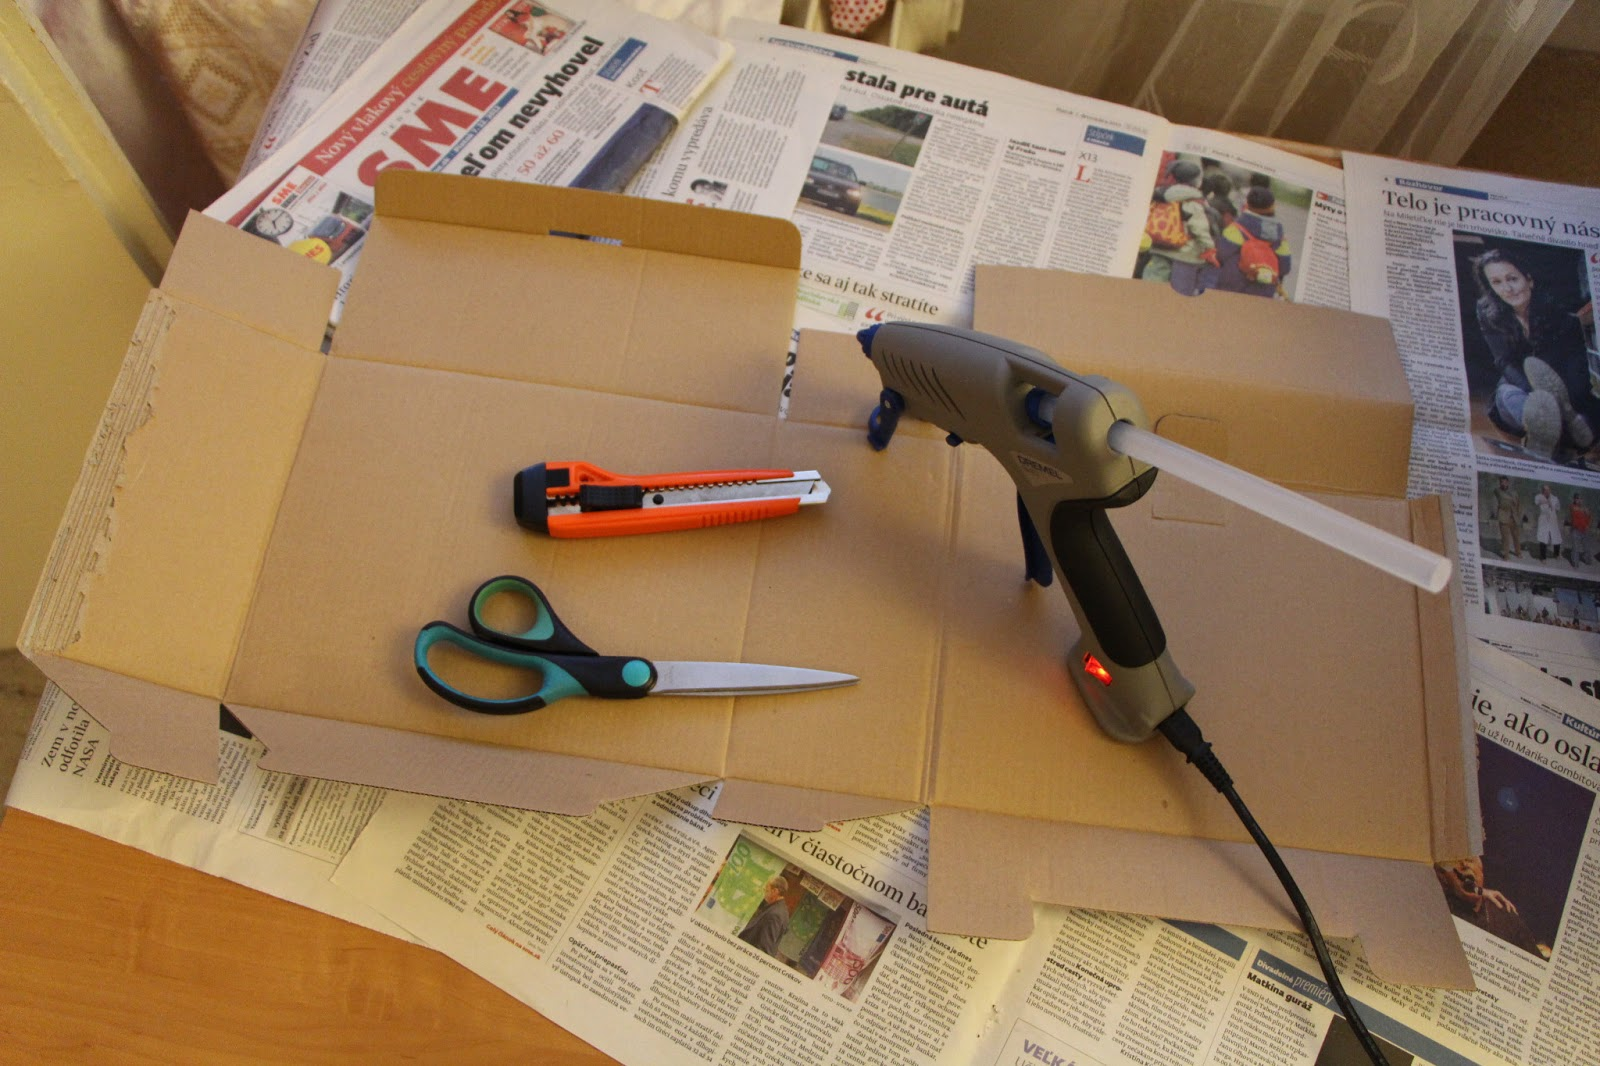 f5cea13bb Ešteže môj manžel je taký inteligentný a zručný. Vymyslel veľmi jednoduchý  a elegantný spôsob ako urobiť z rozobratej krabice maštaľku.